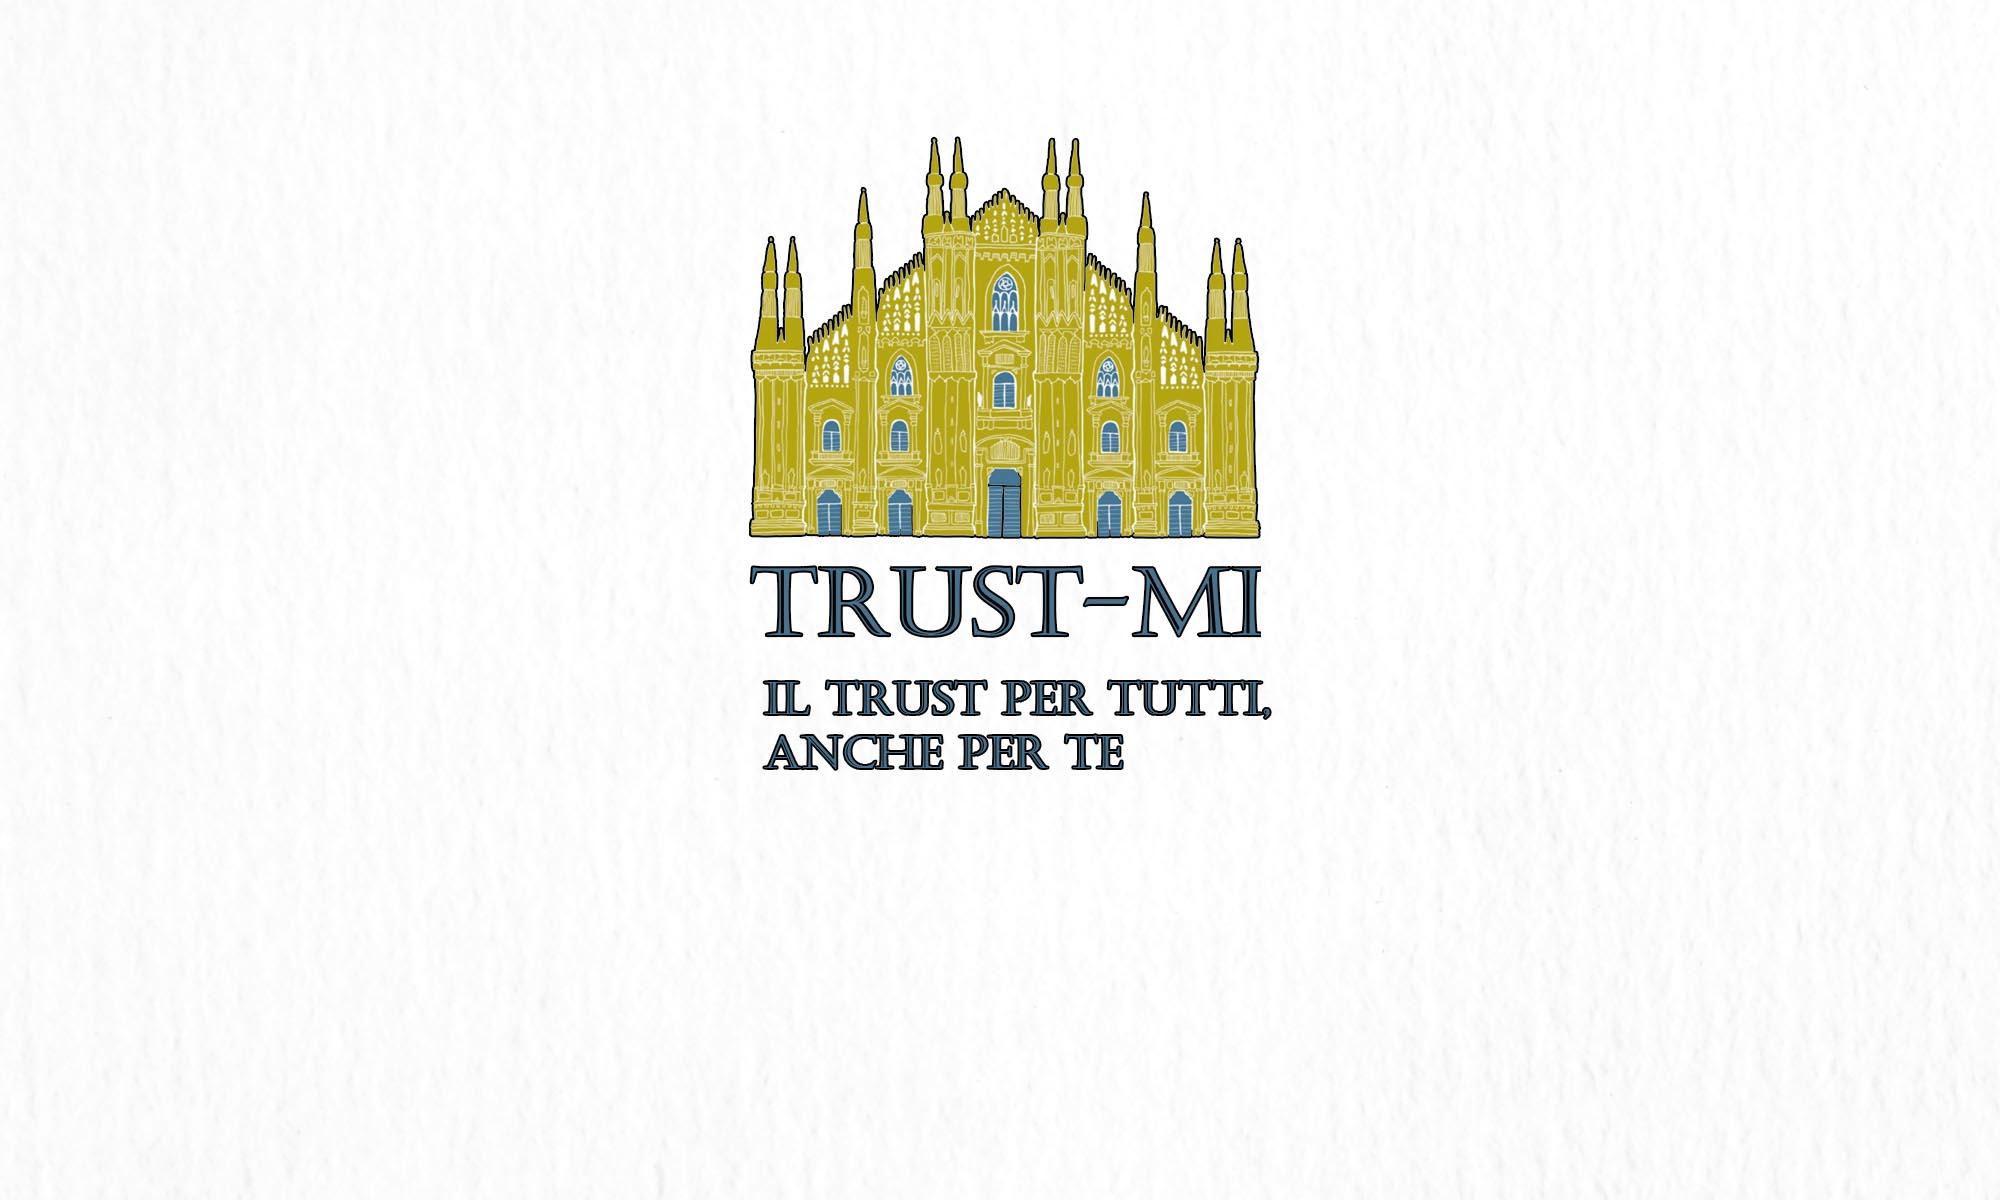 TRUST-MI